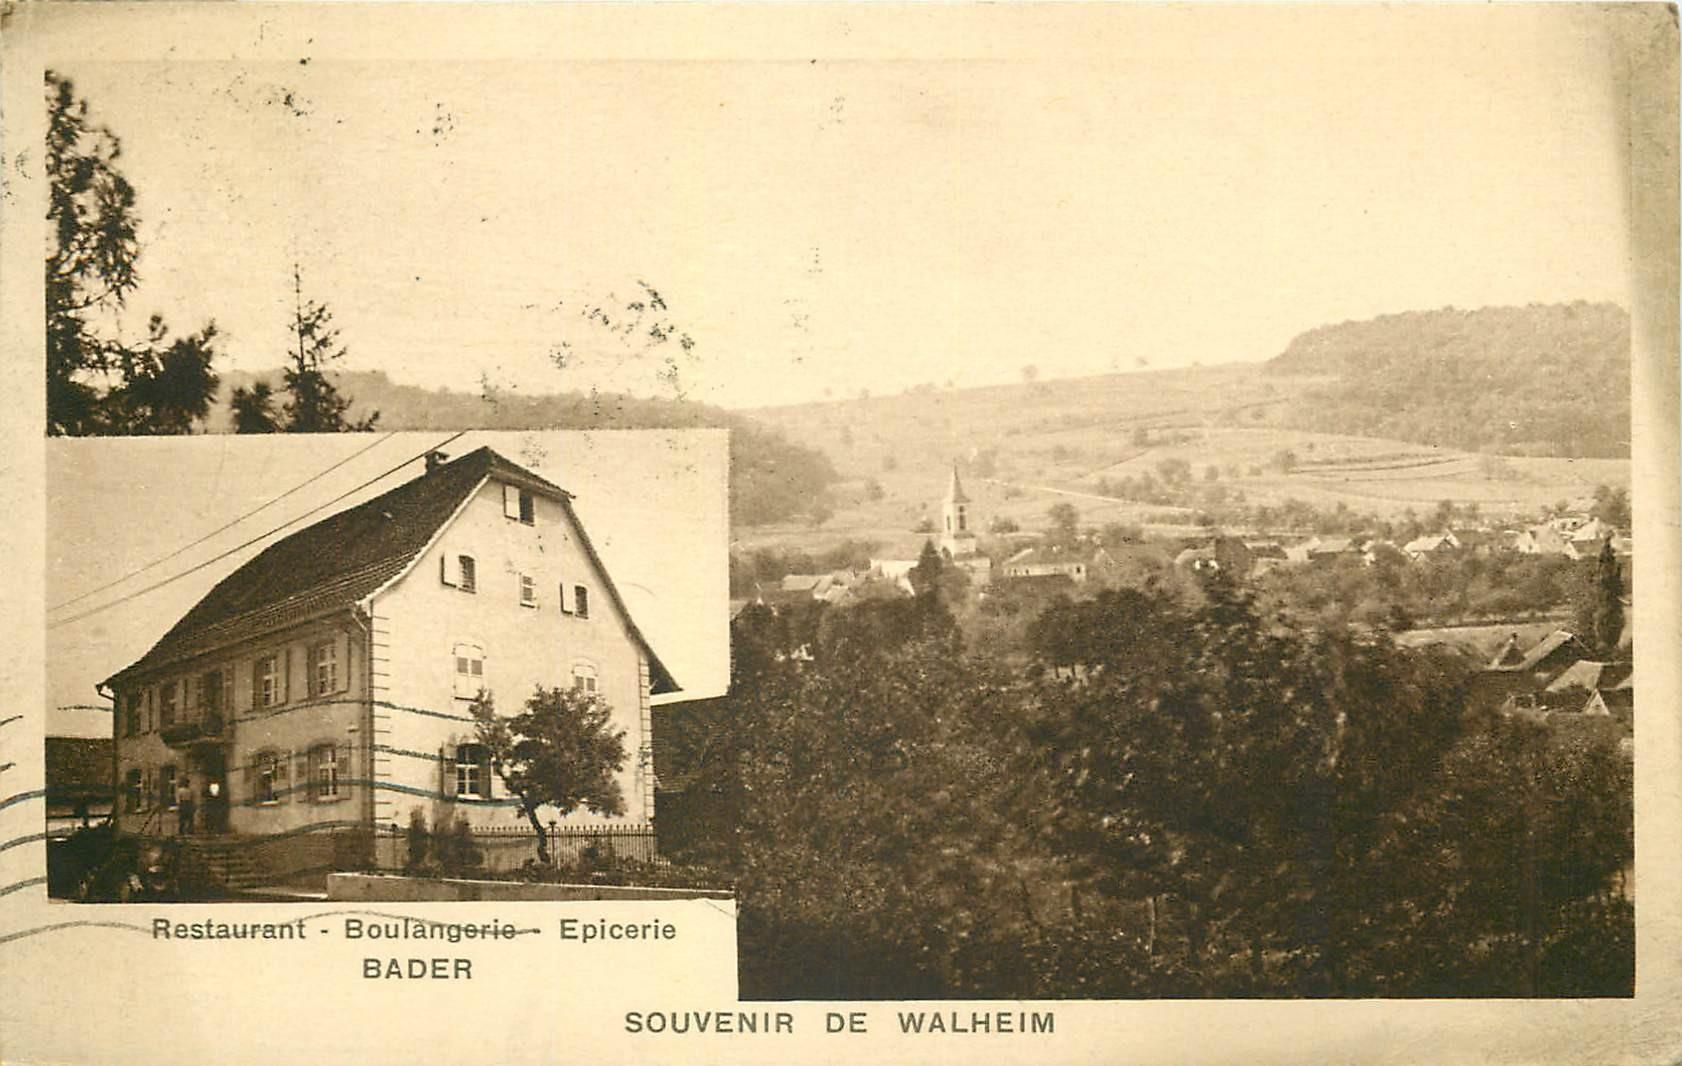 WALHEIM. Restaurant Boulangerie Epicerie Bader 1936